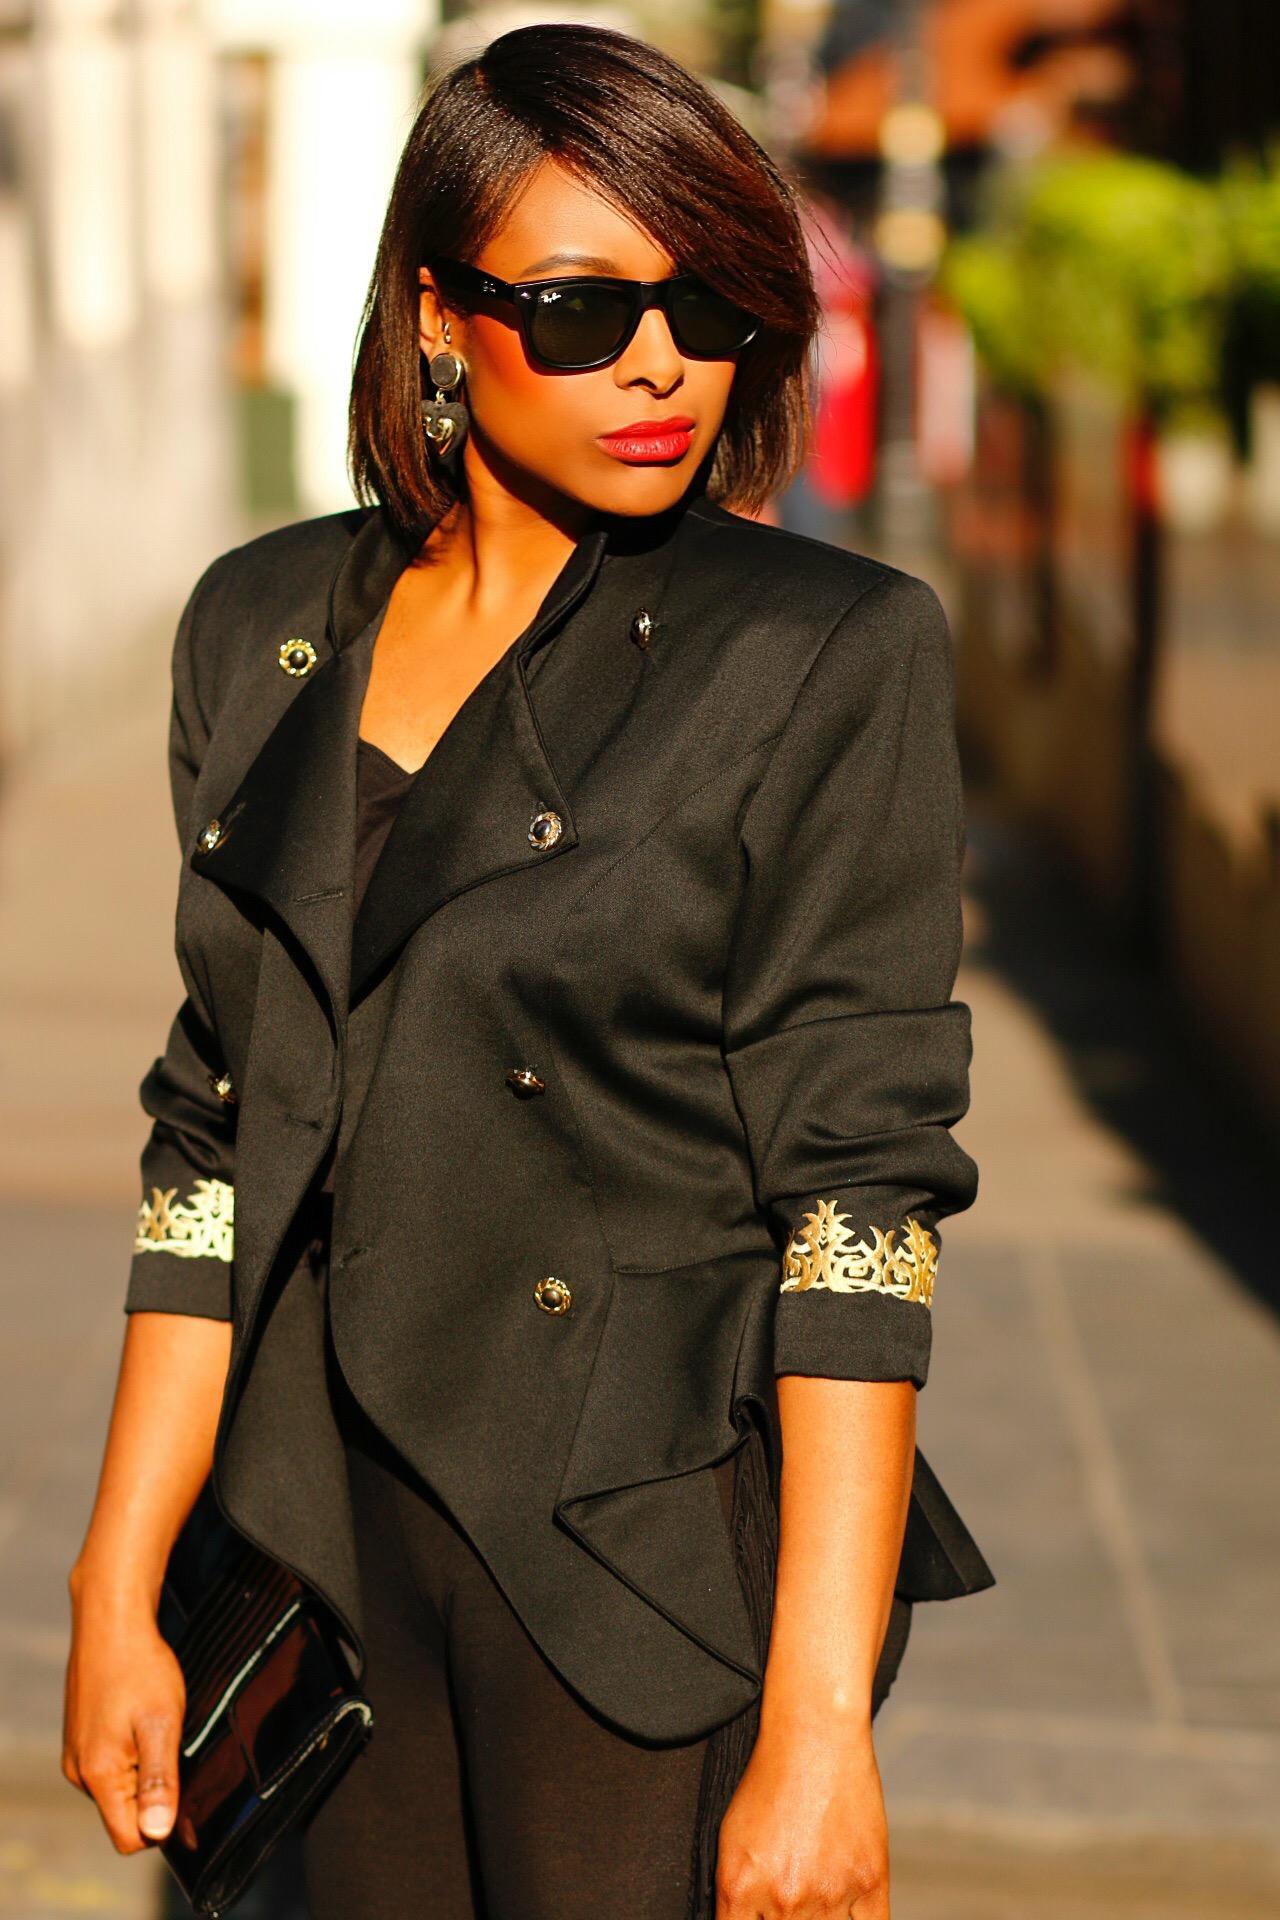 Black Military Peplum Jacket